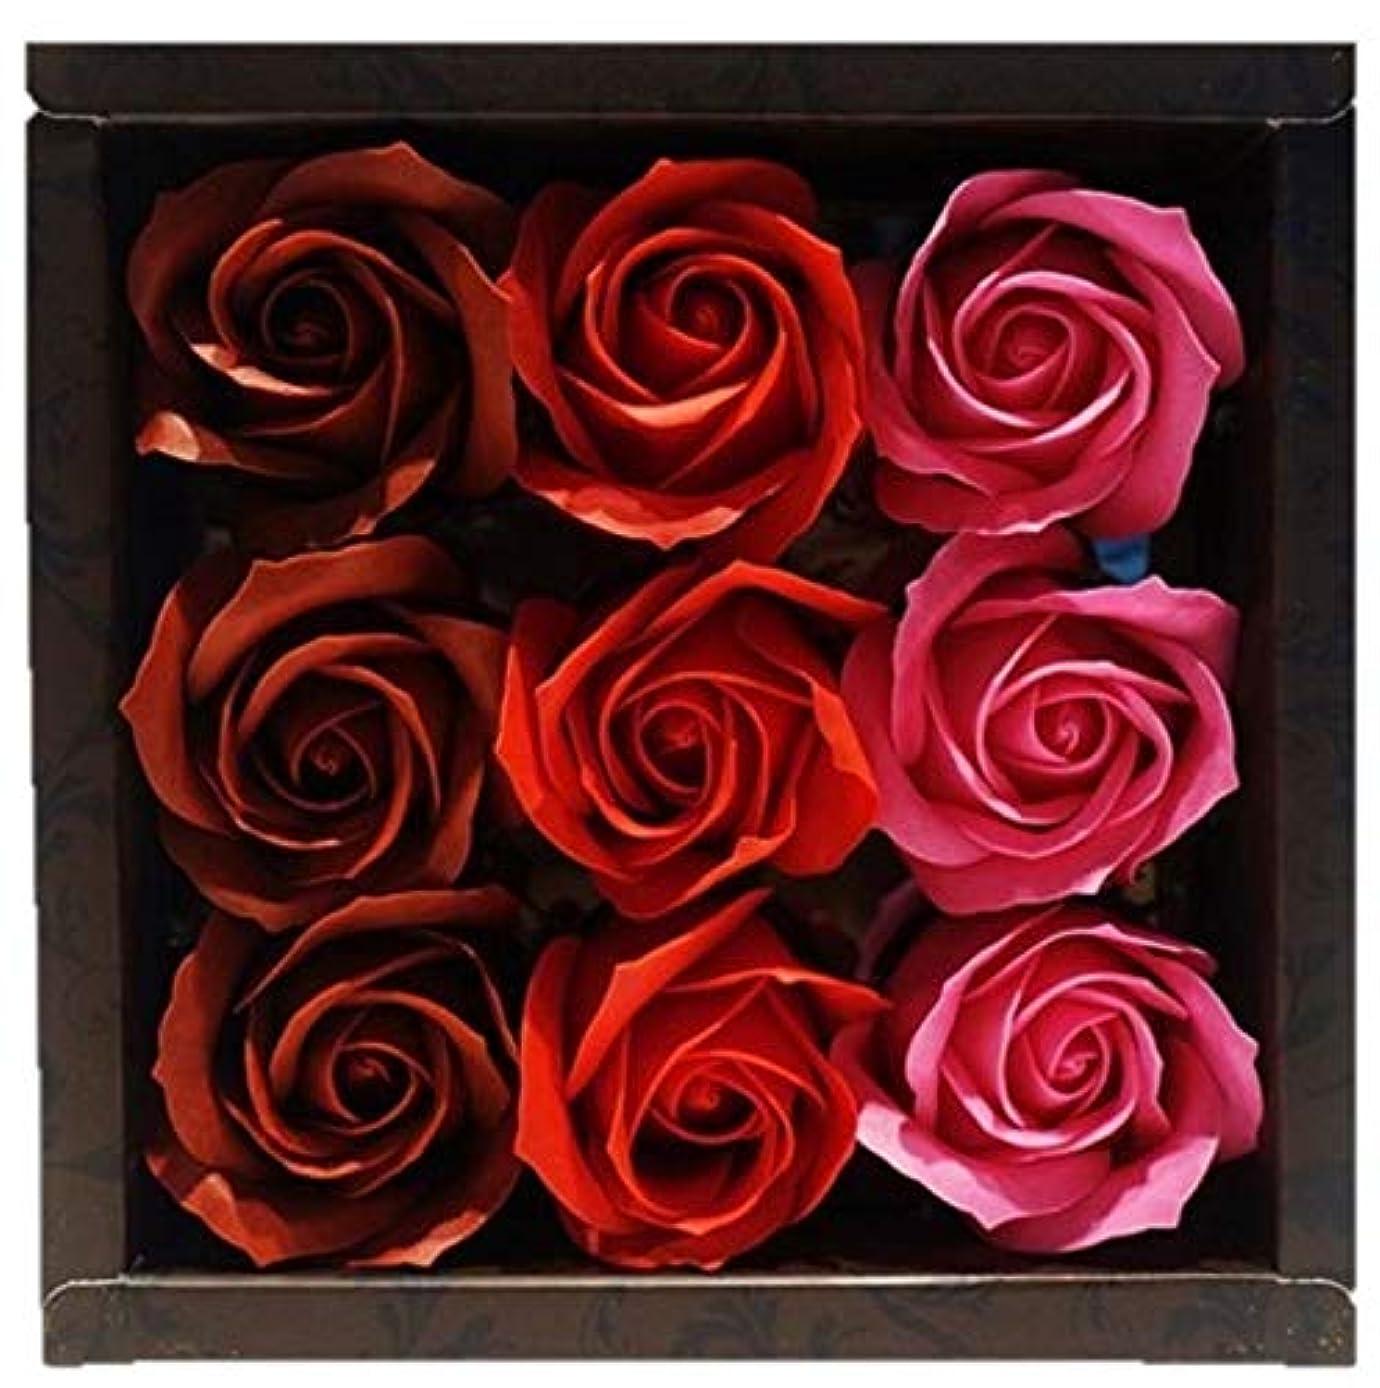 例外ランク理容師バスフレグランス バスフラワー ローズフレグランス レッドカラー お花の形の入浴剤 プレゼント ばら